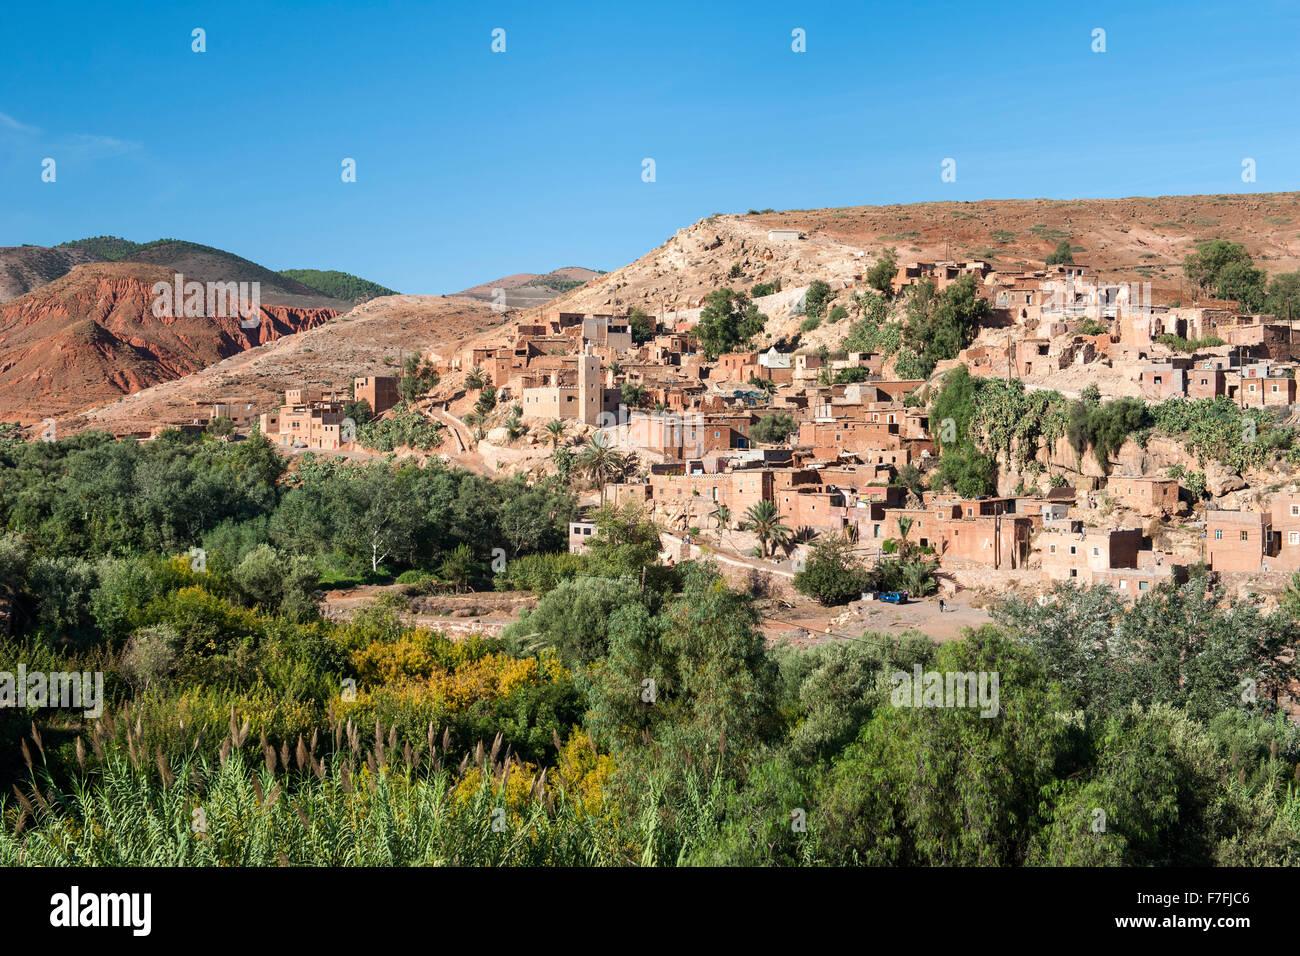 Village d'Asni dans les contreforts de l'Atlas au Maroc. Photo Stock